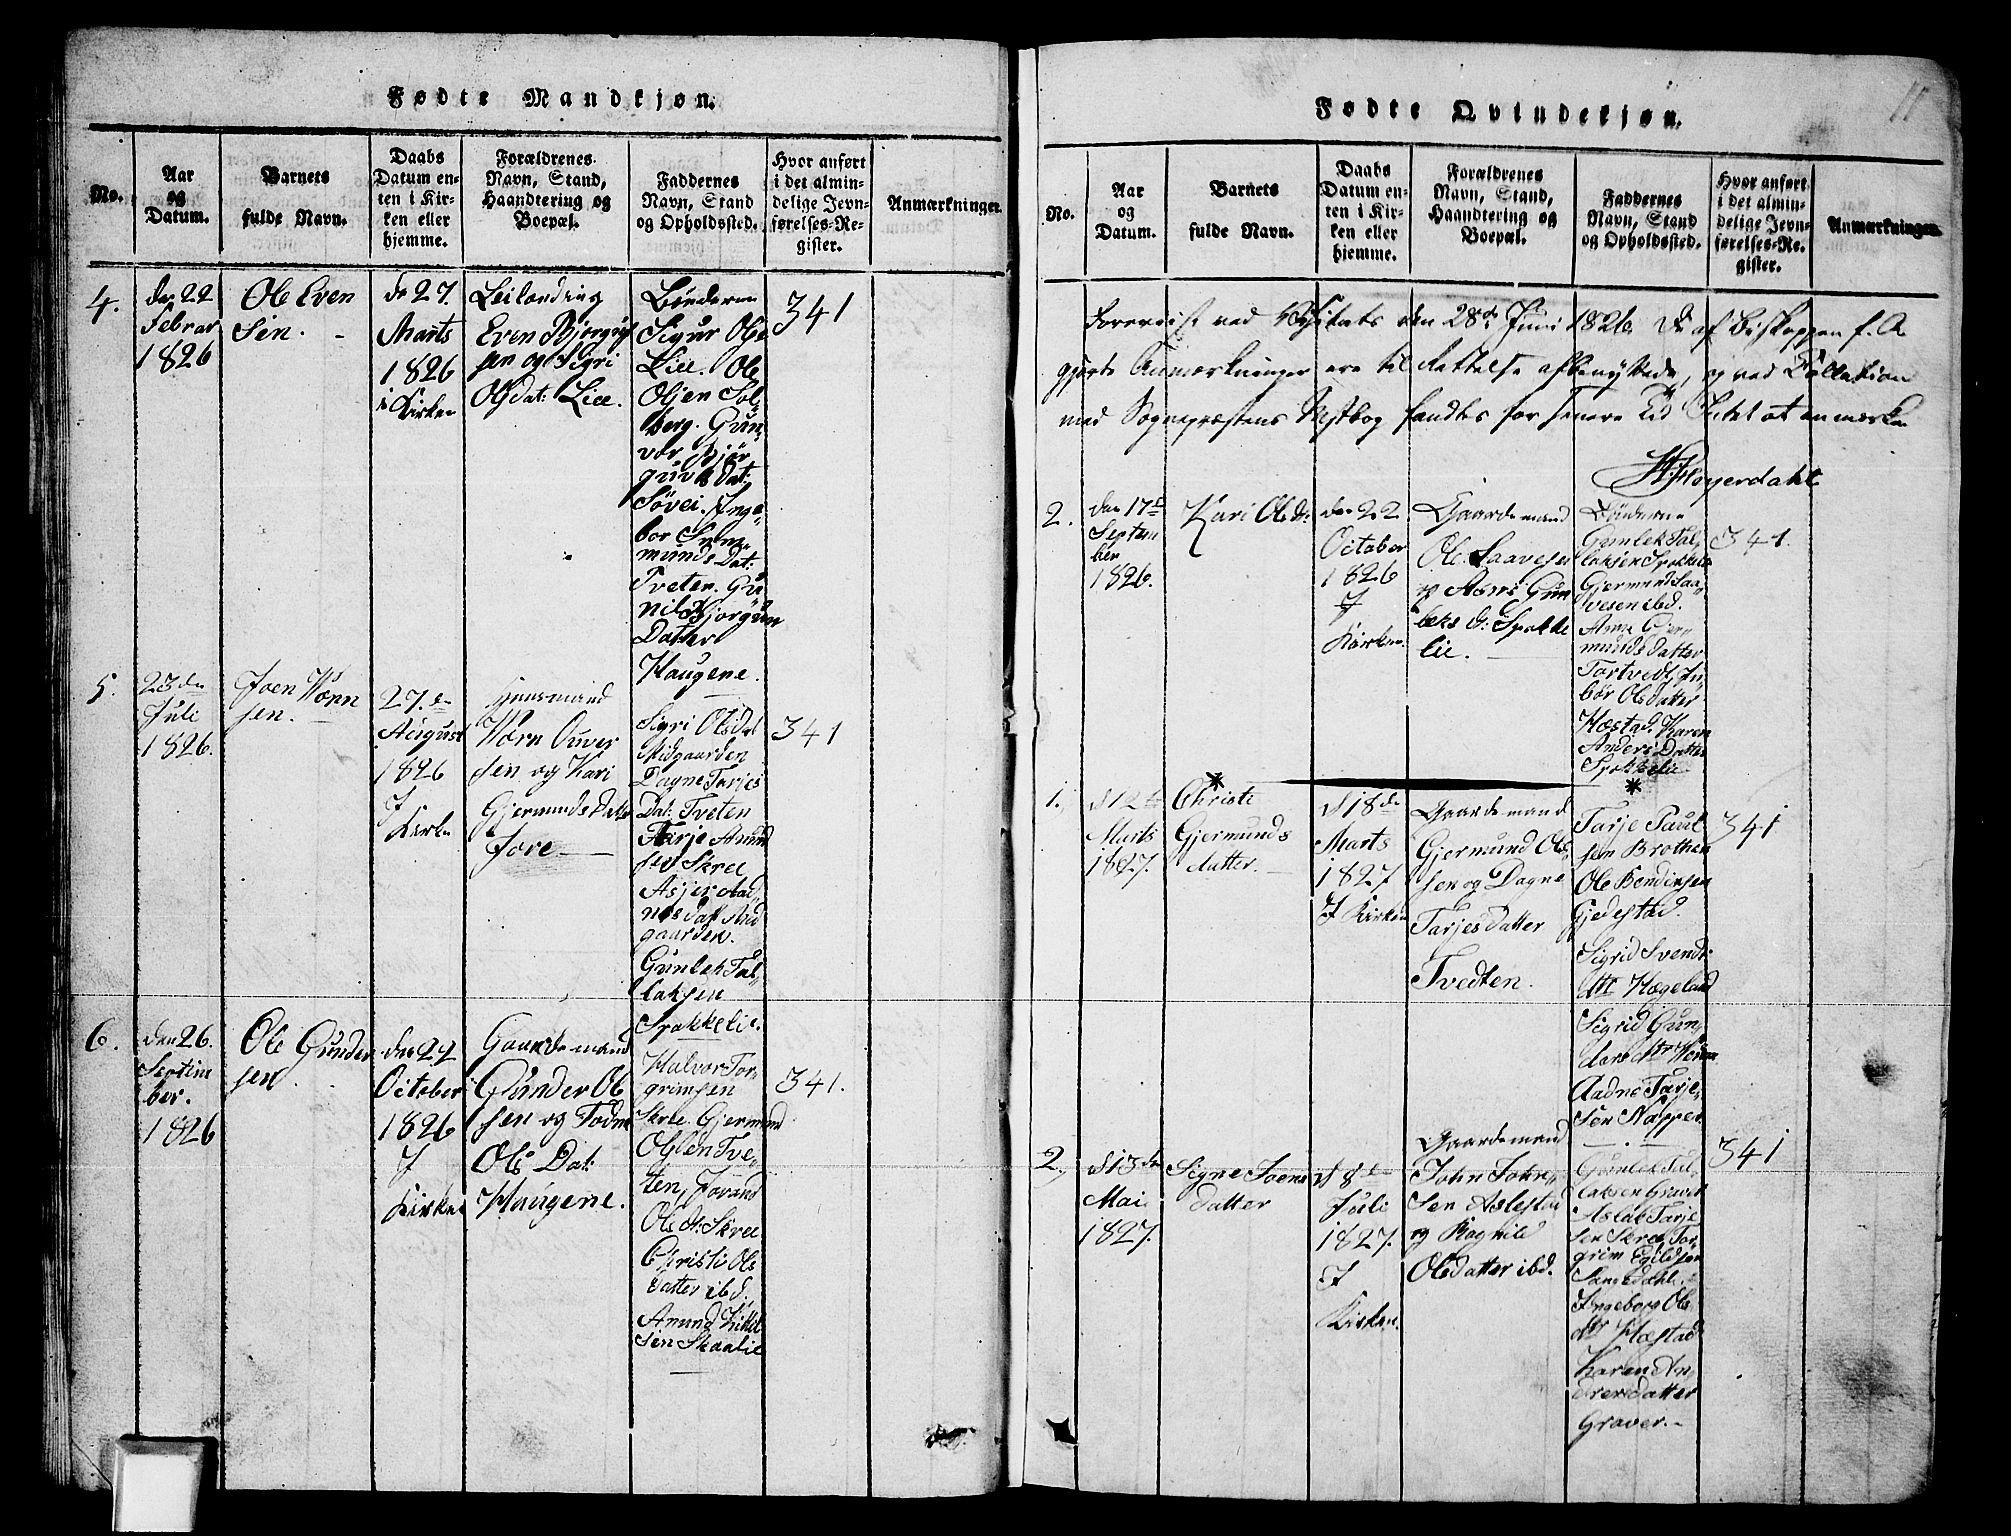 SAKO, Fyresdal kirkebøker, G/Ga/L0003: Klokkerbok nr. I 3, 1815-1863, s. 11